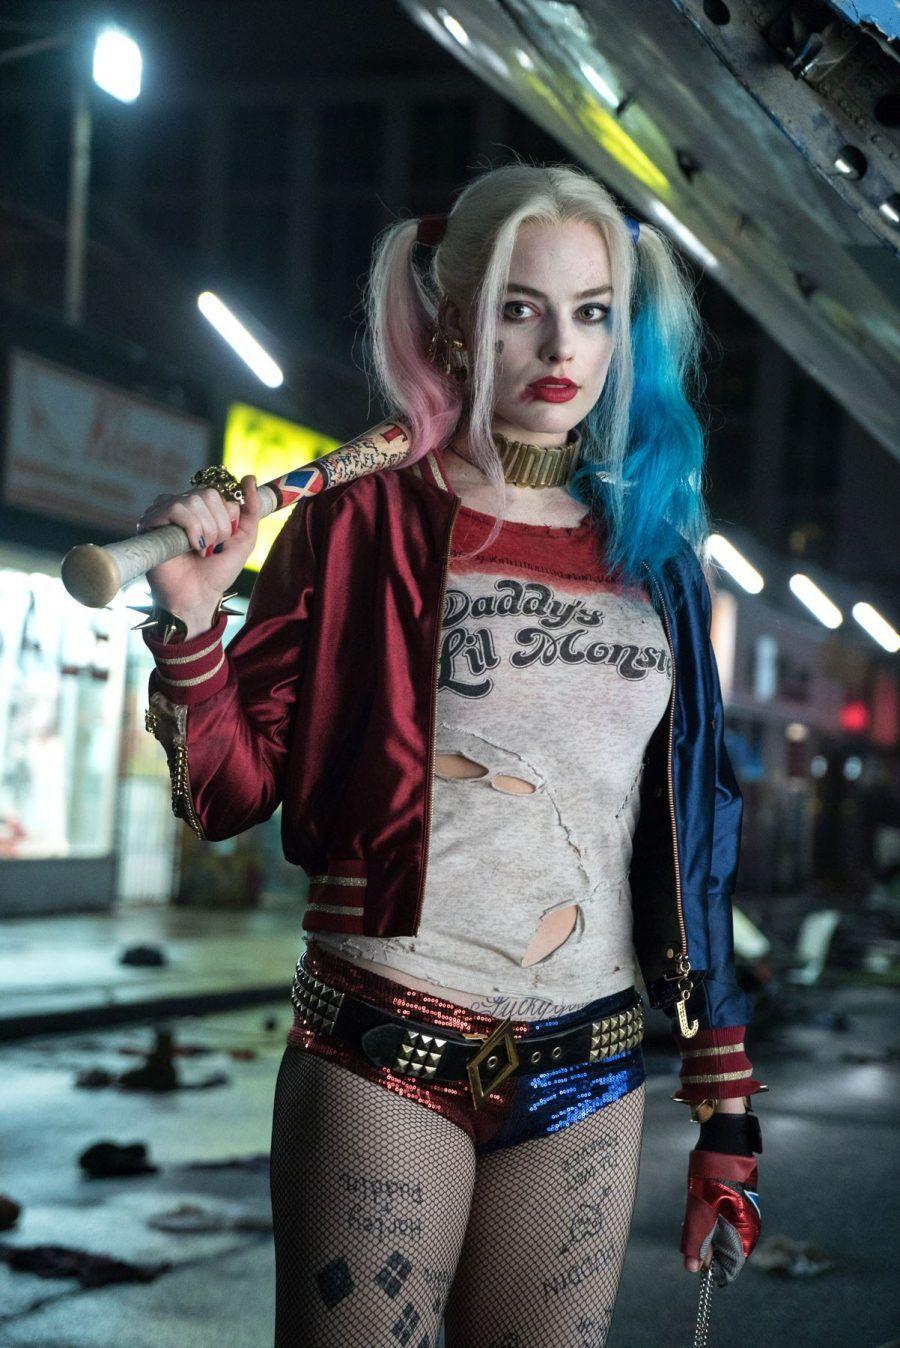 ...che poi, vorrei vedere quante ventenni possono davvero competere con Margot Robbie, e la sua Harley Quinn...